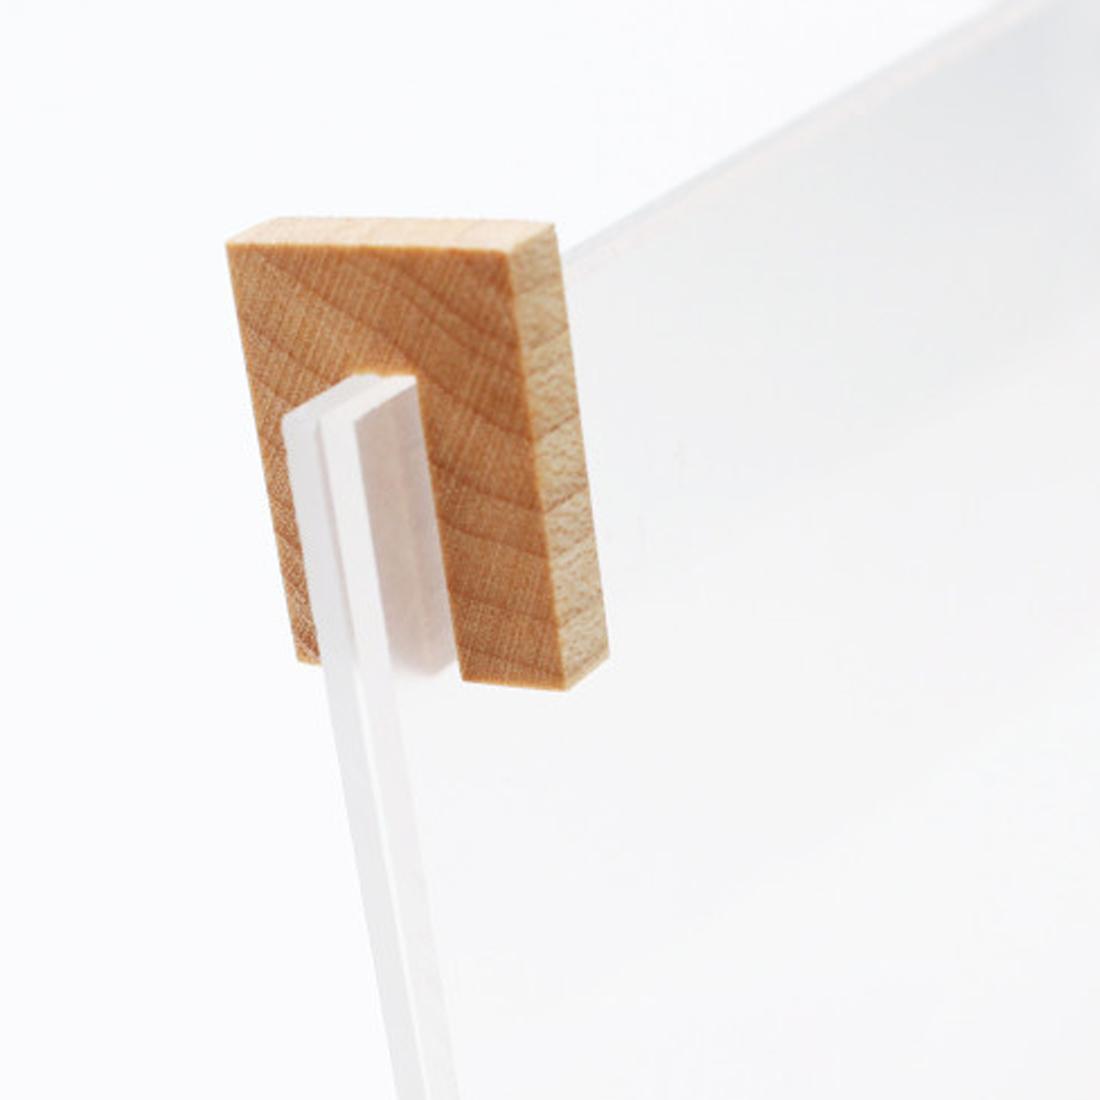 ONDO-FRAME ポストカードサイズ